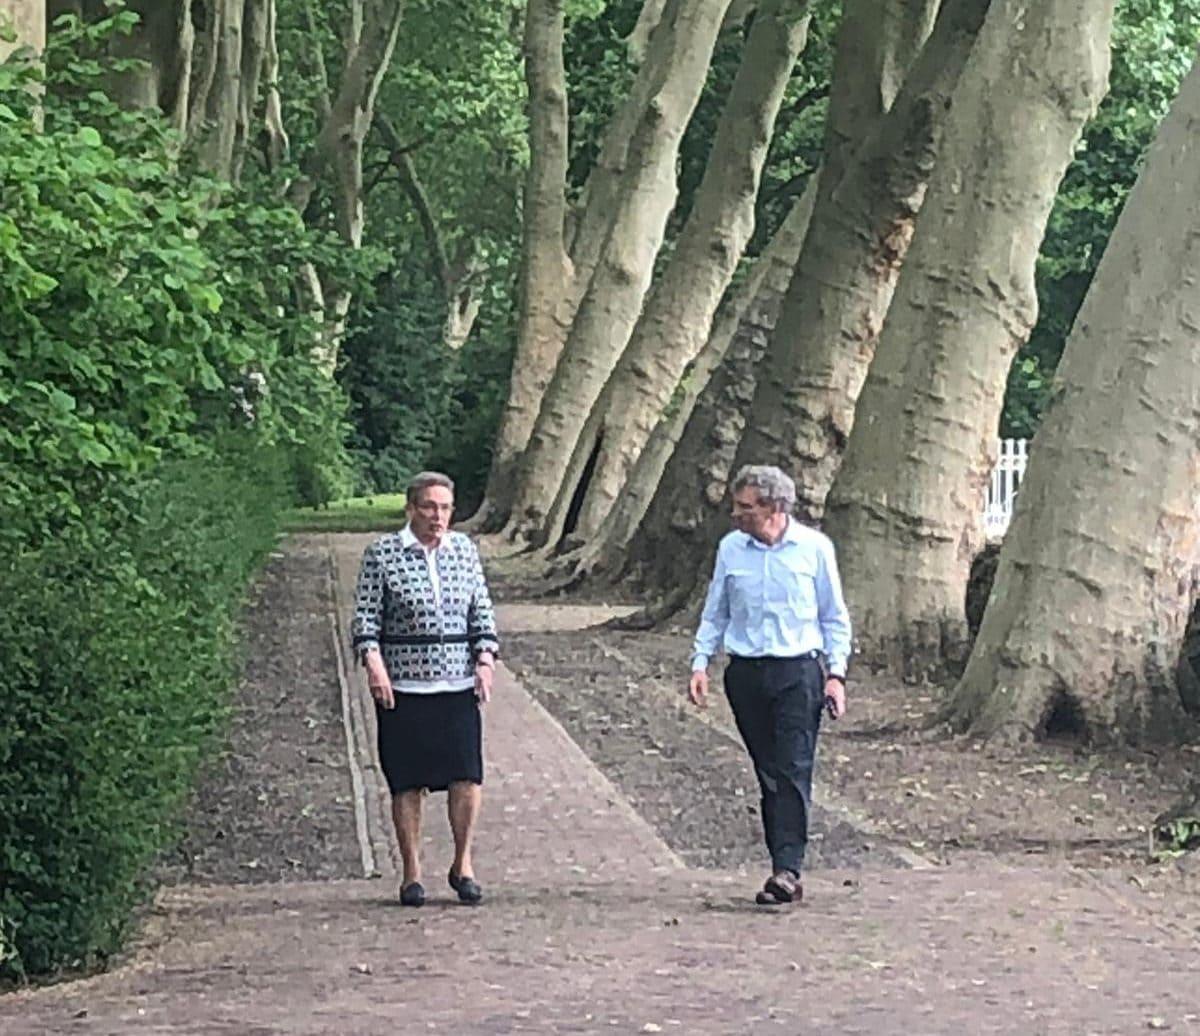 Leefgoed met zuster Gerda en Rijksbouwmeester FLoris van Alkemade